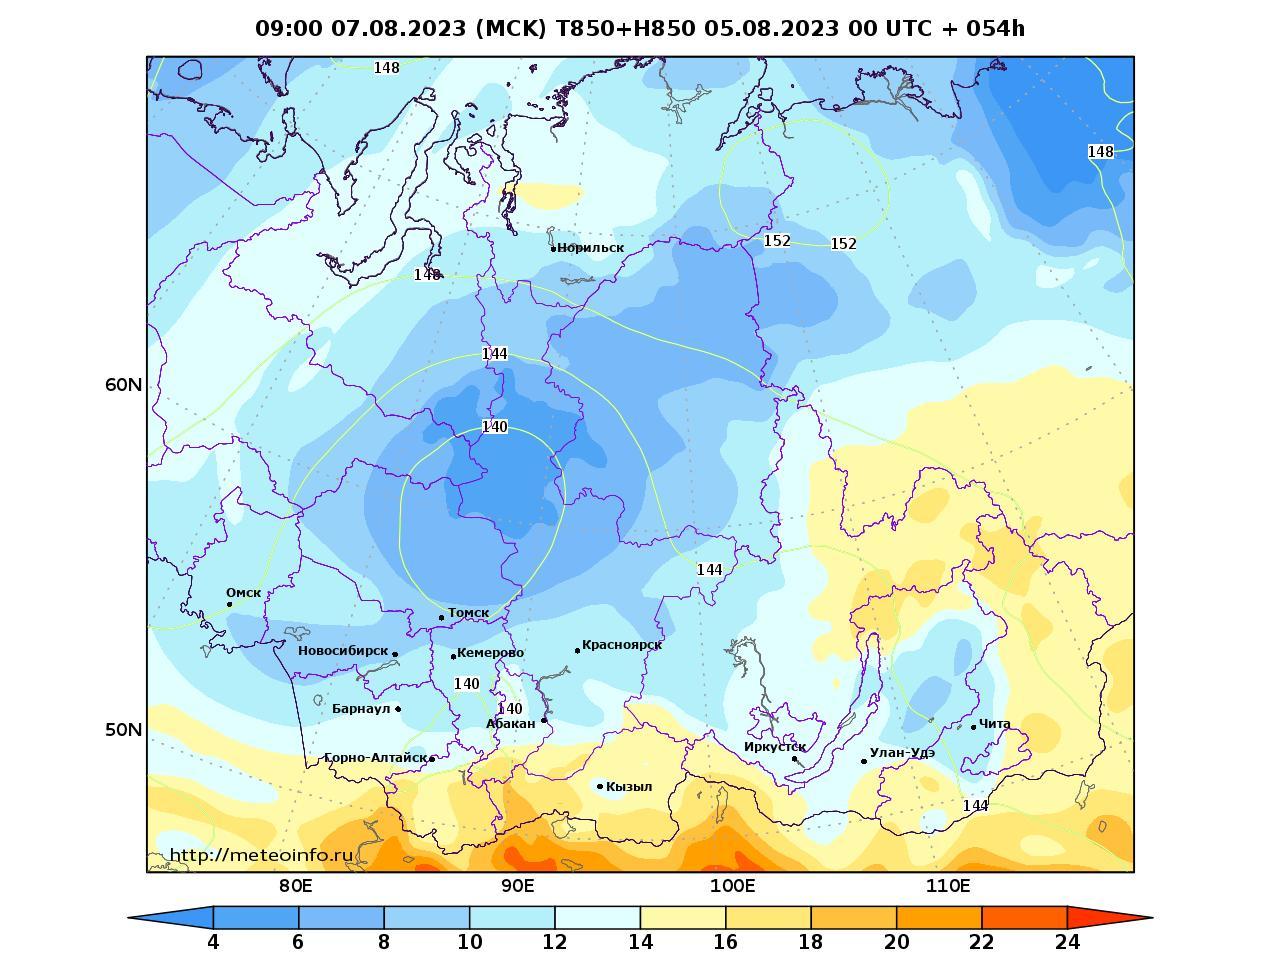 Сибирский Федеральный округ, прогностическая карта температура T850 и геопотенциал H850, заблаговременность прогноза 54 часа